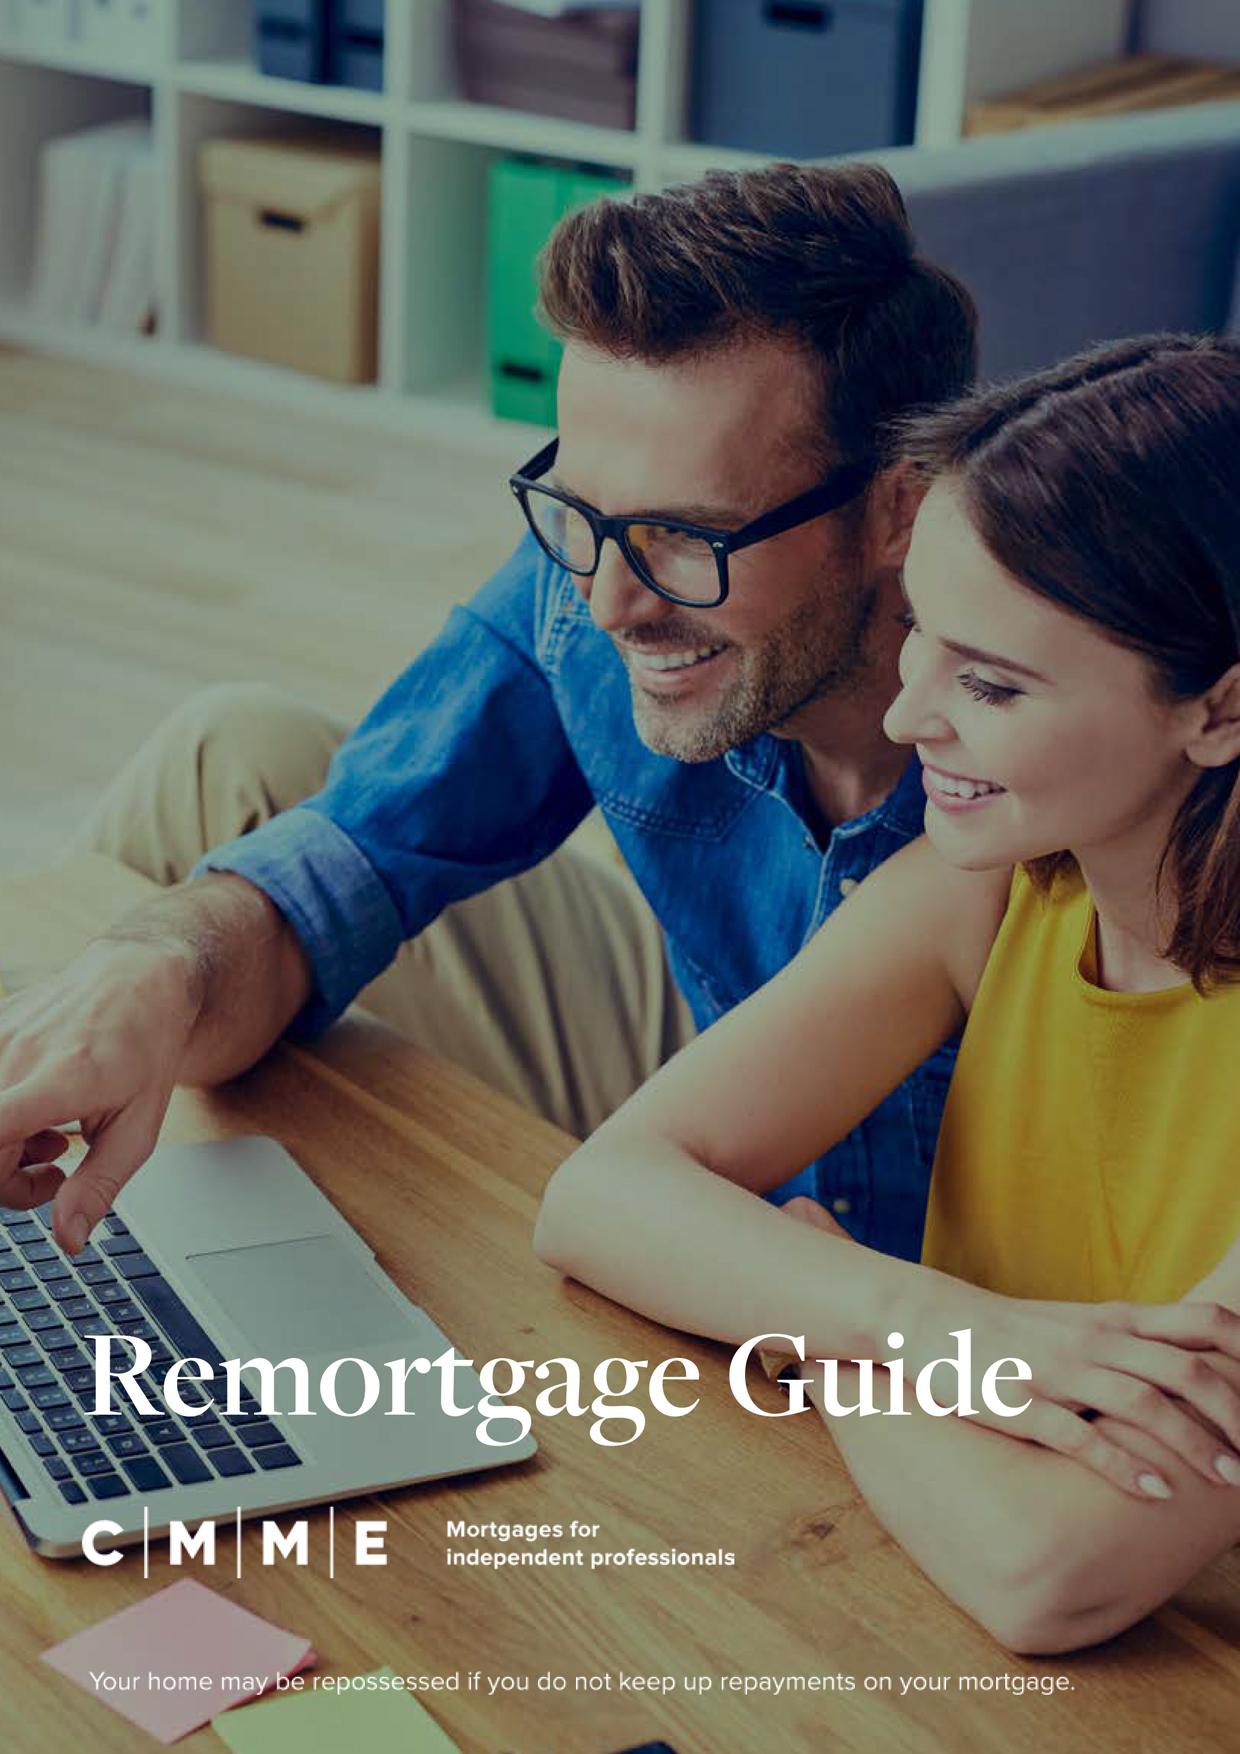 Remortgage Guide